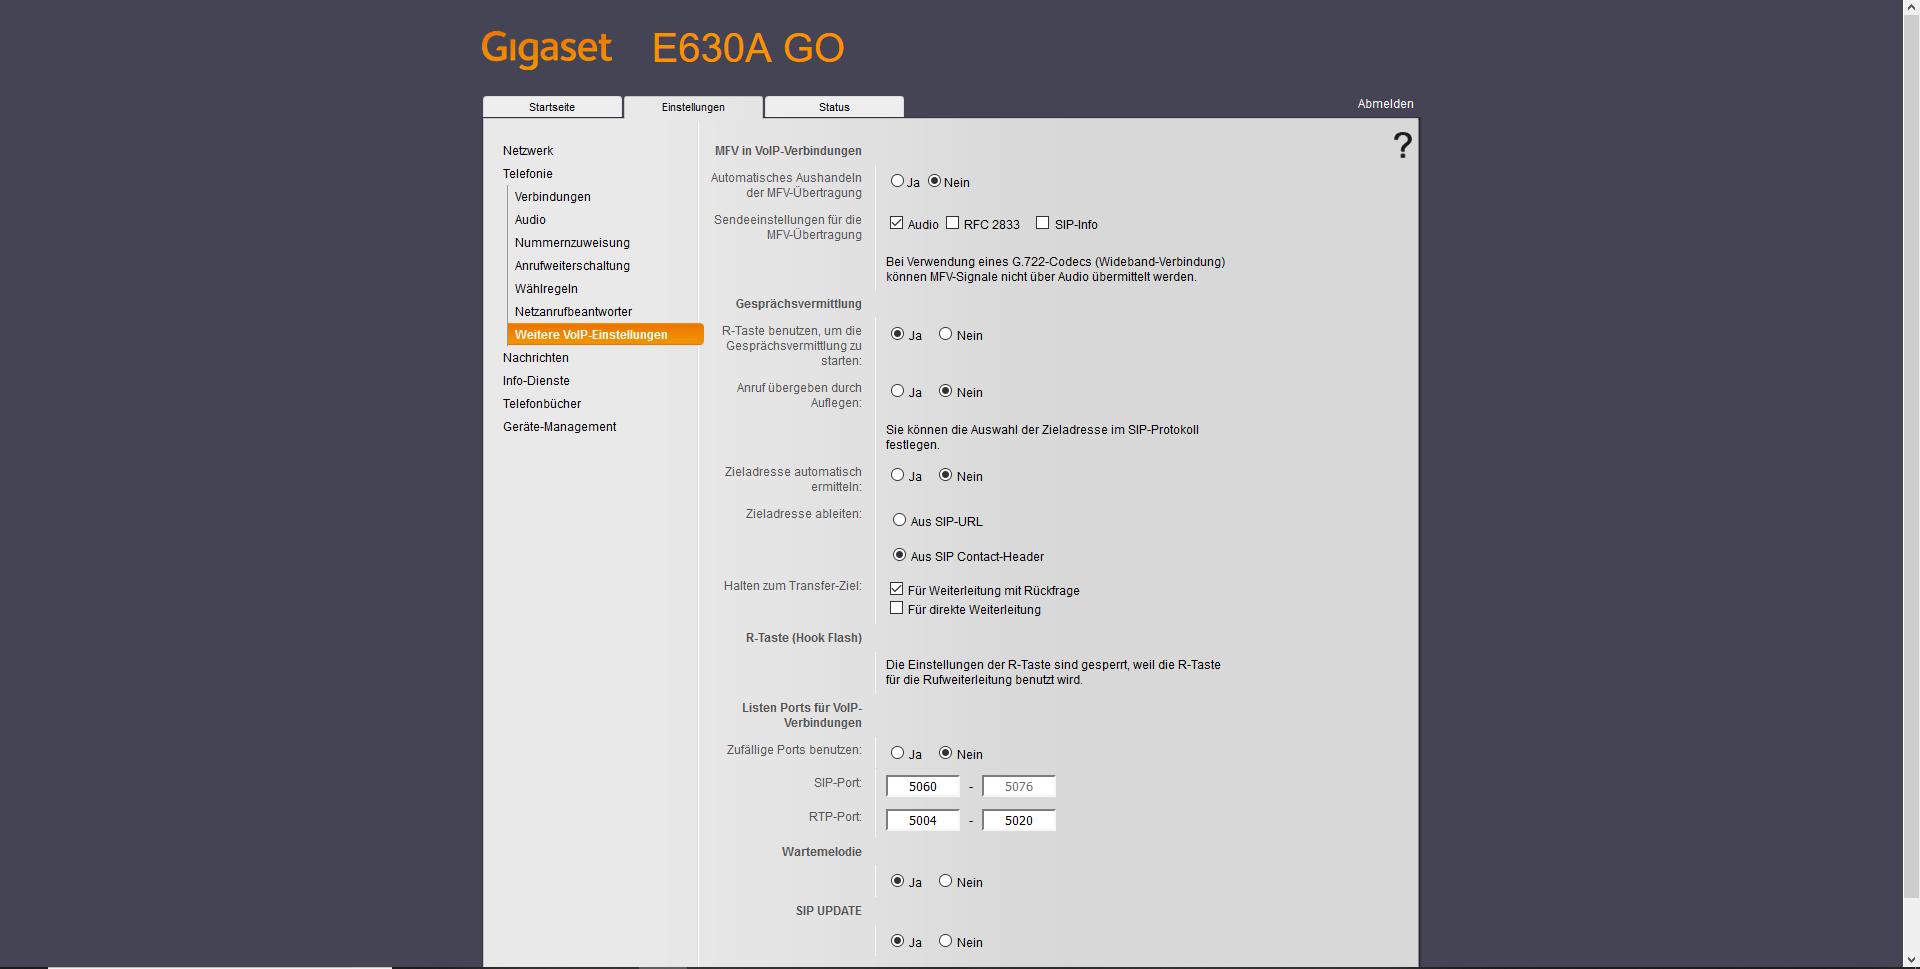 Gigaset E630A GO